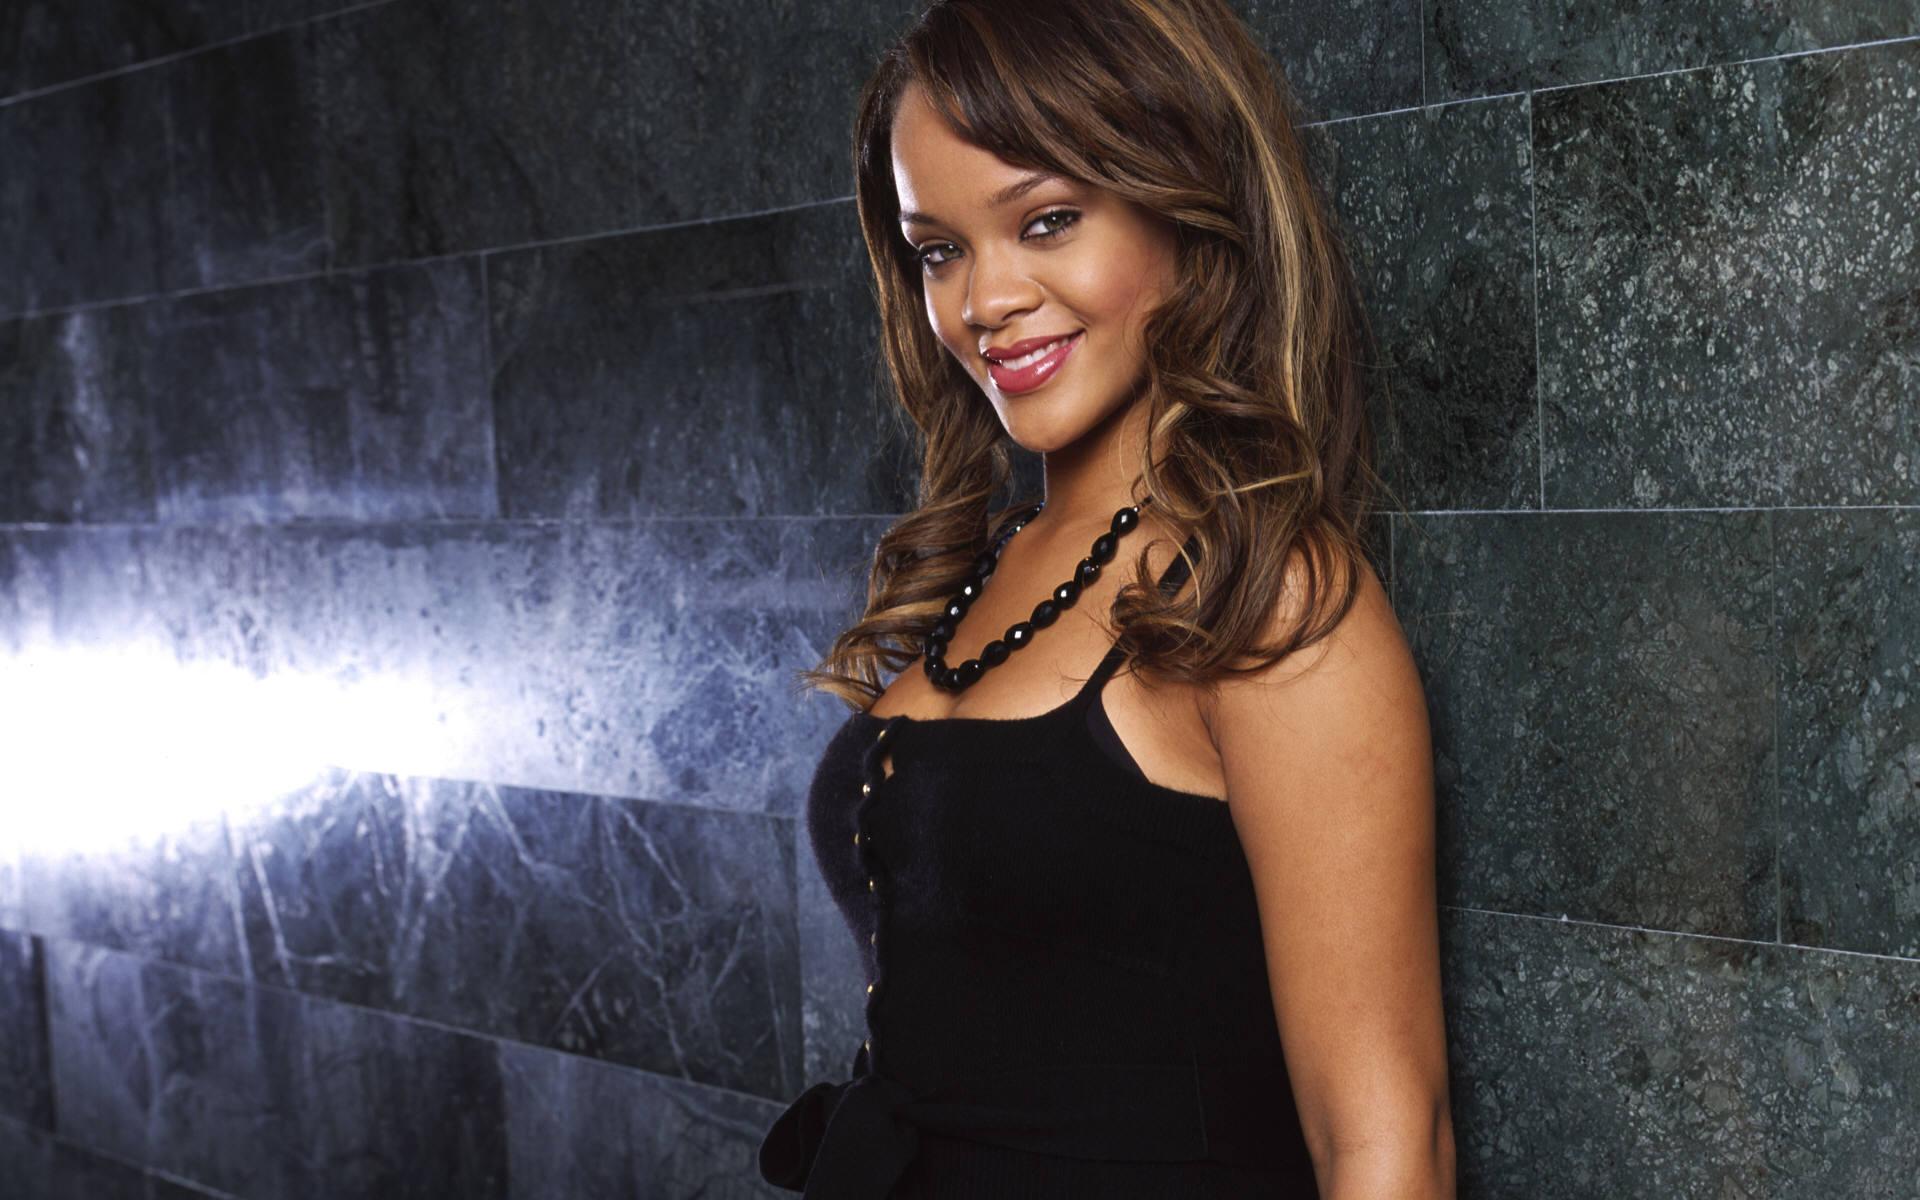 Rihanna Wallpaper 2012 55730 1920x1200